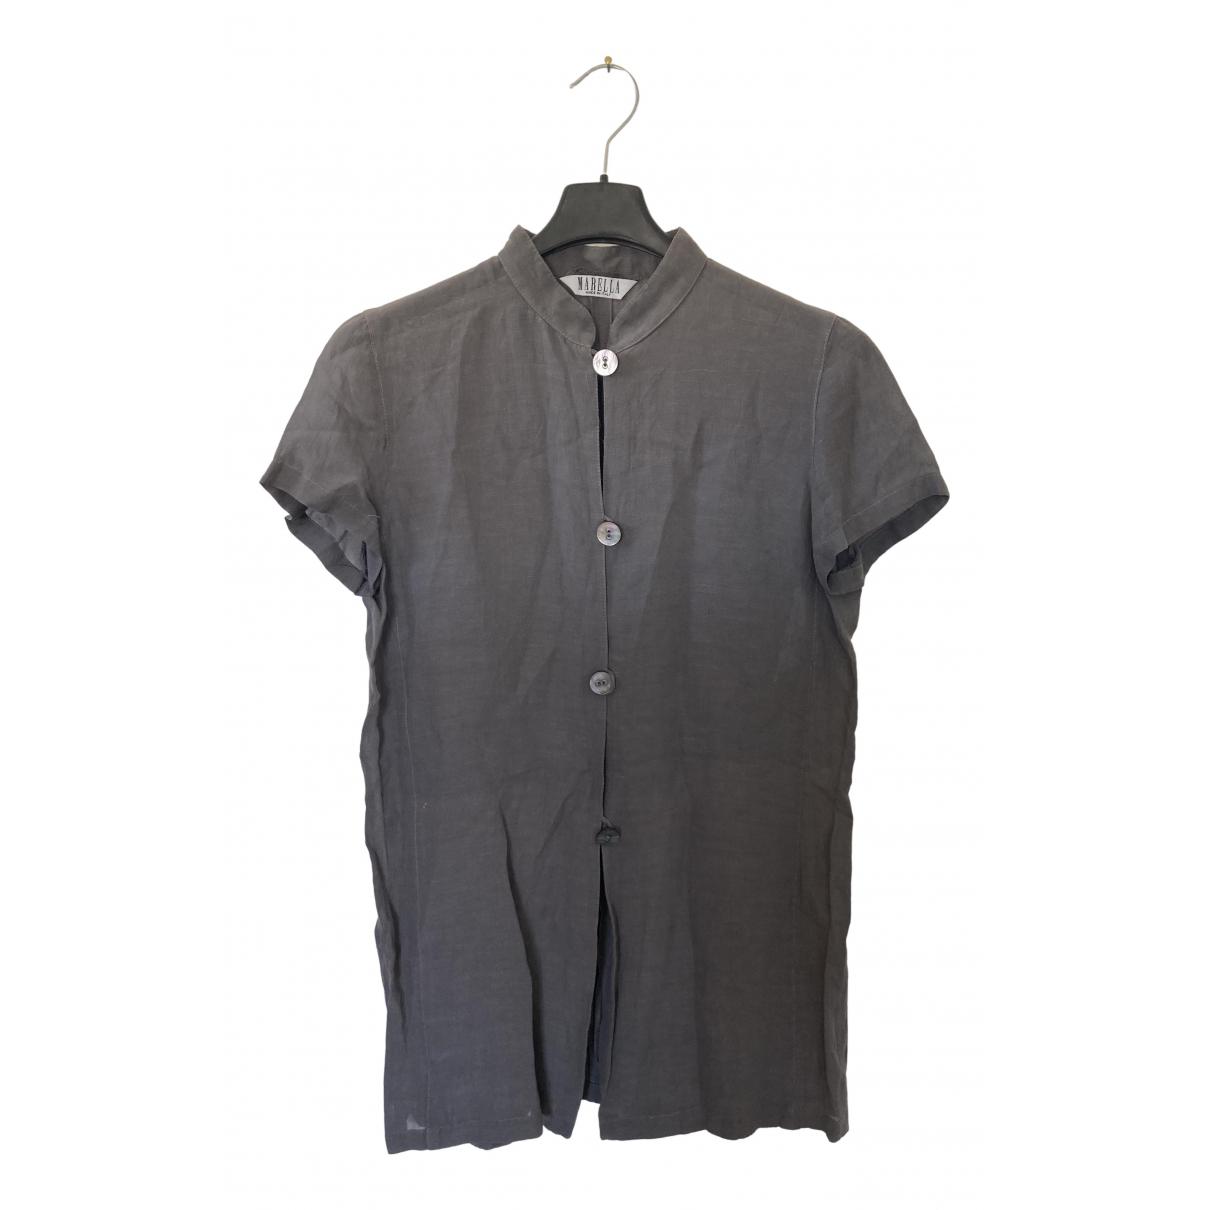 Marella - Top   pour femme - gris